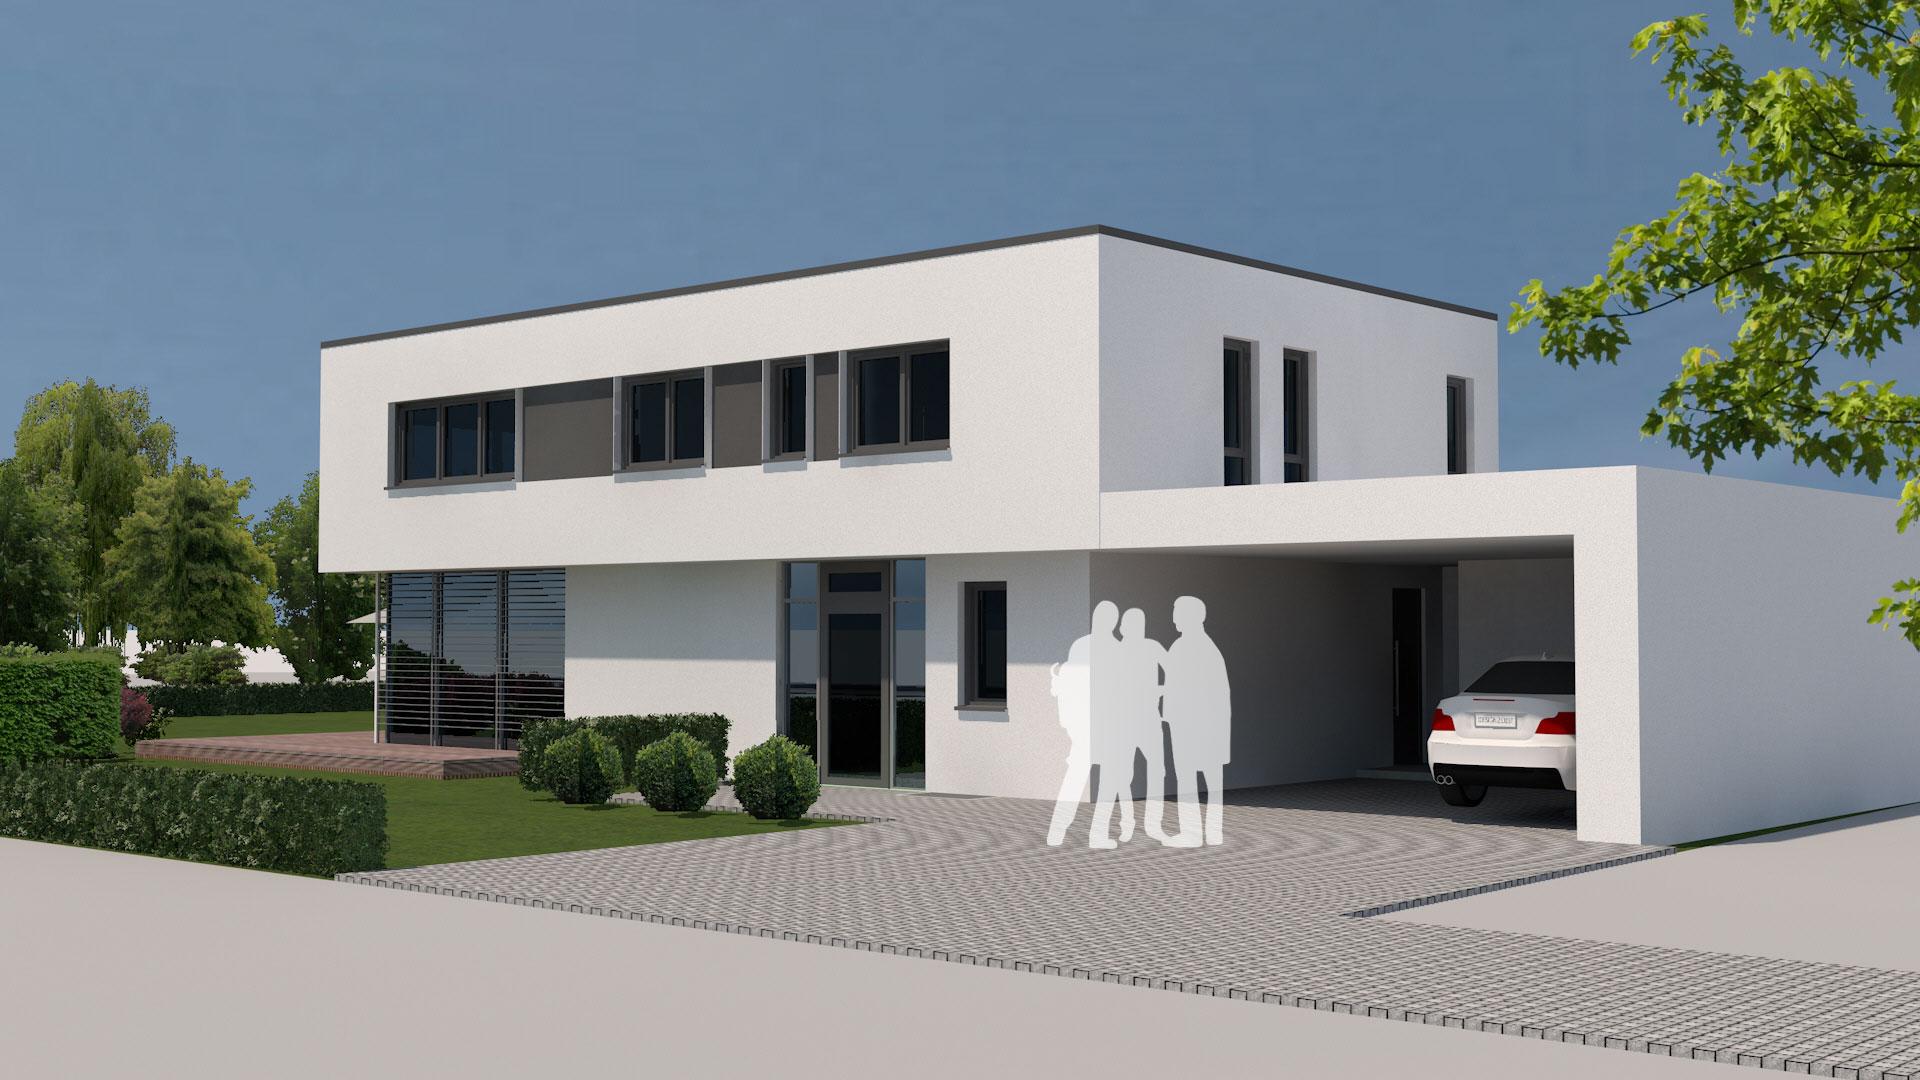 Neubau modernes flachdachhaus mit carport in wei enburg for Flachdachhaus modern